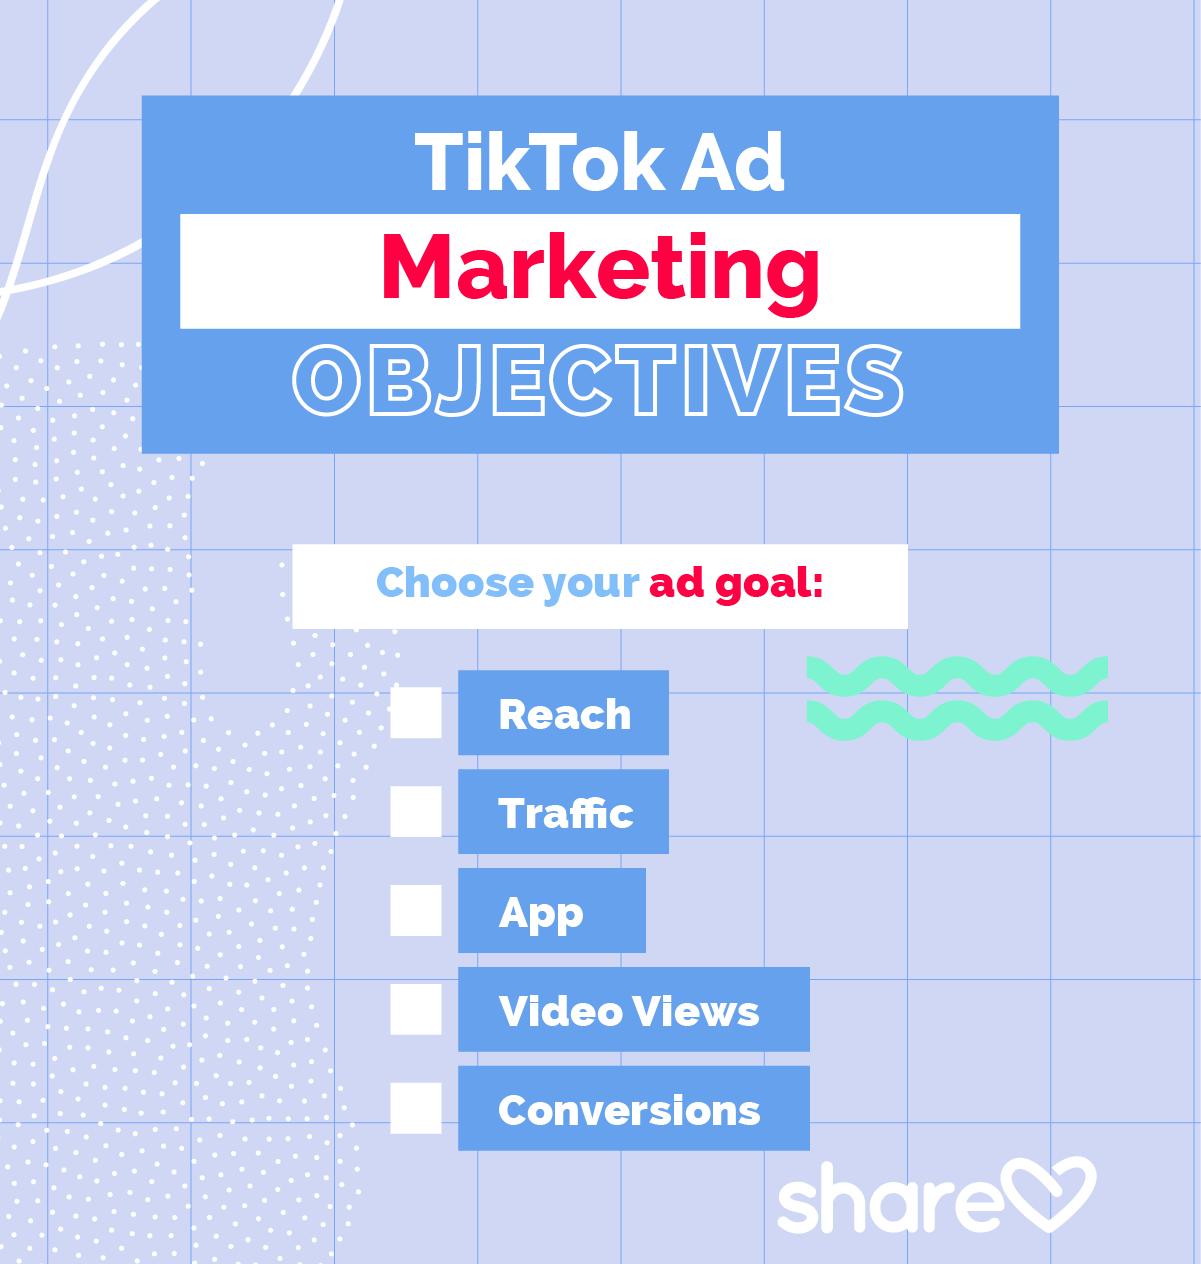 TikTok Ad Marketing Objectives